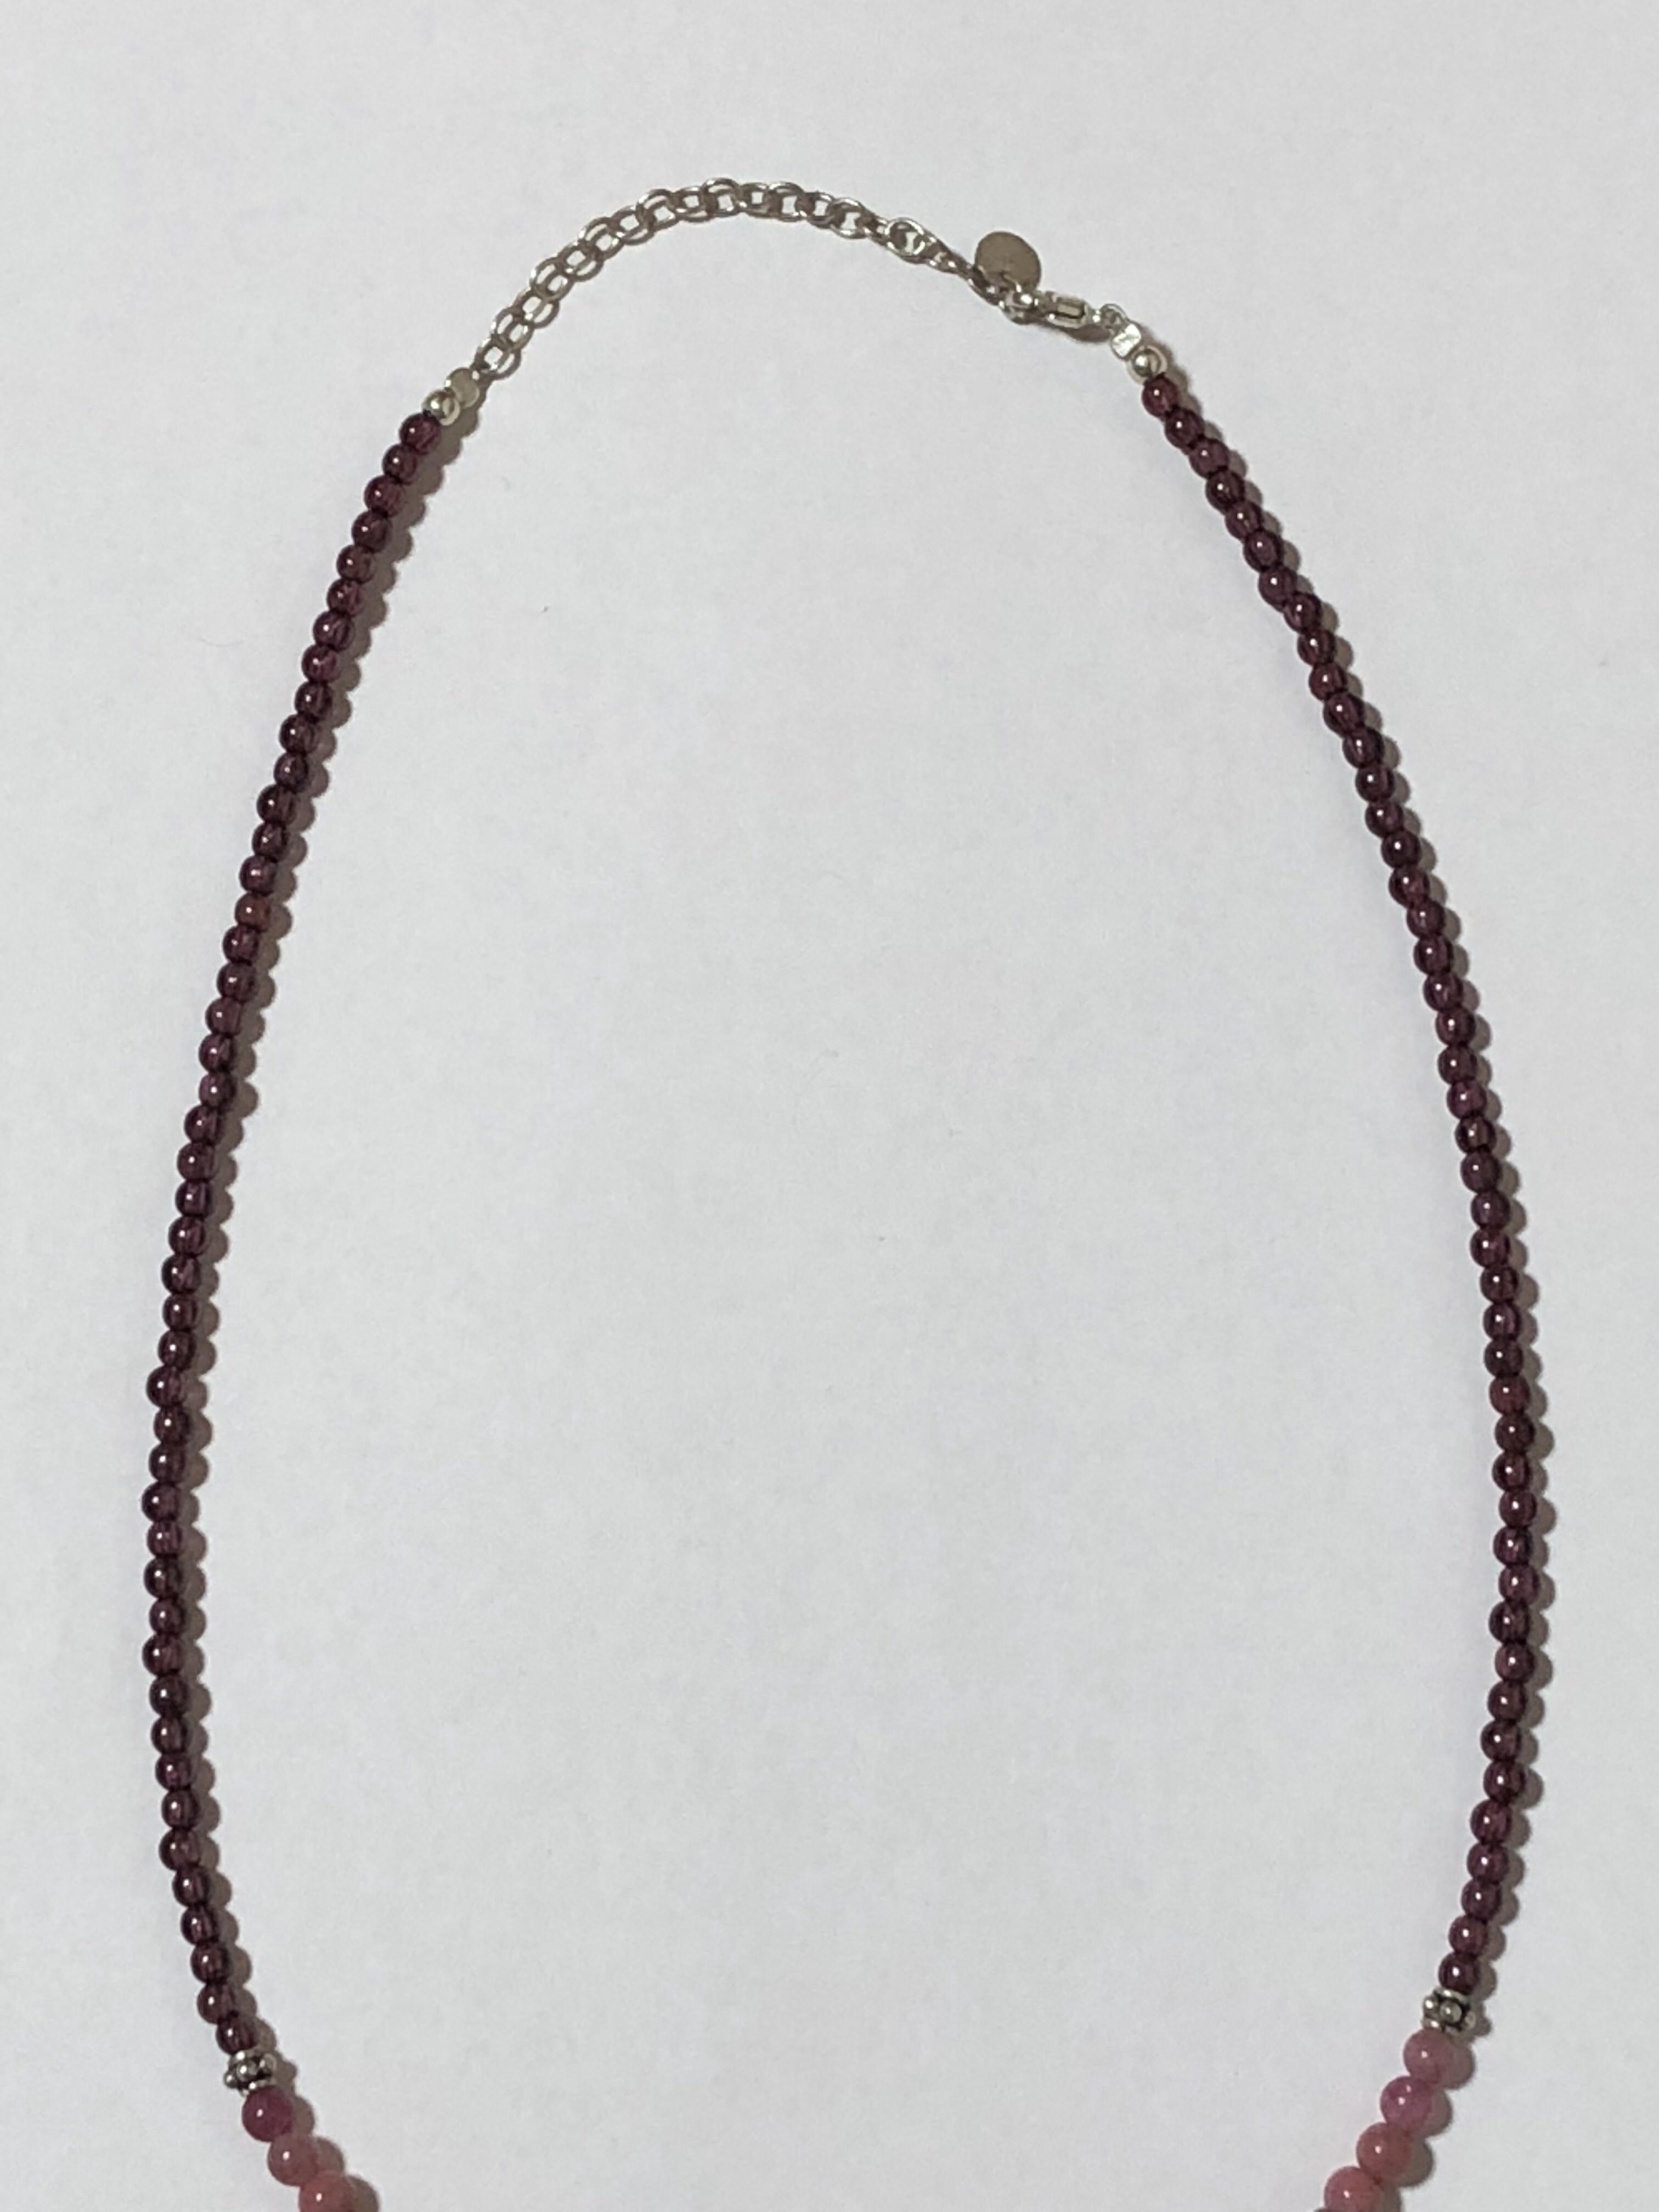 ネックレスの写真。小さなメロメロ石が連なっている。